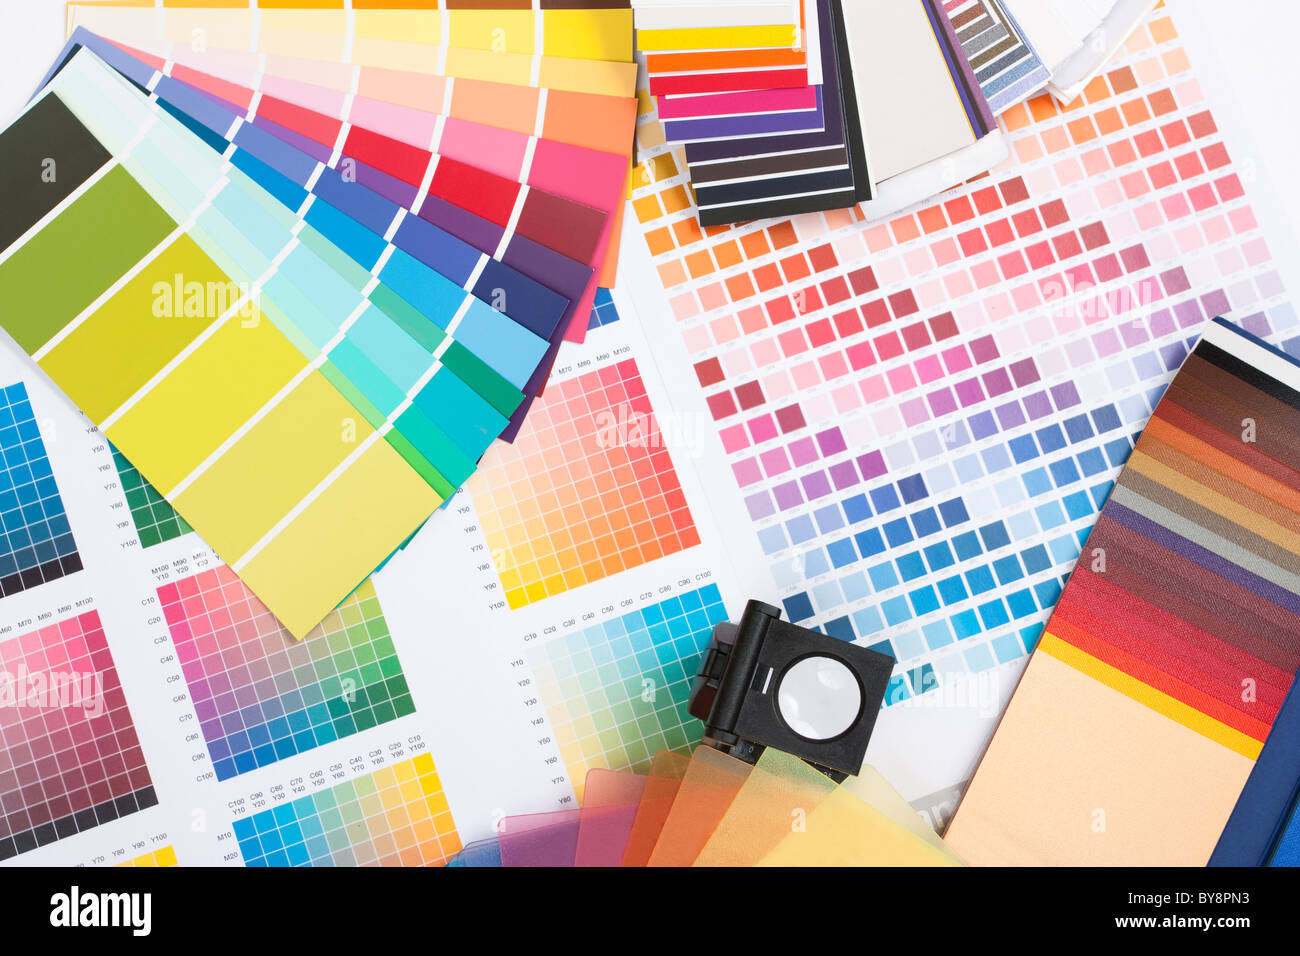 El espectro de color de las muestras utilizadas por un diseñador gráfico o pintor Imagen De Stock